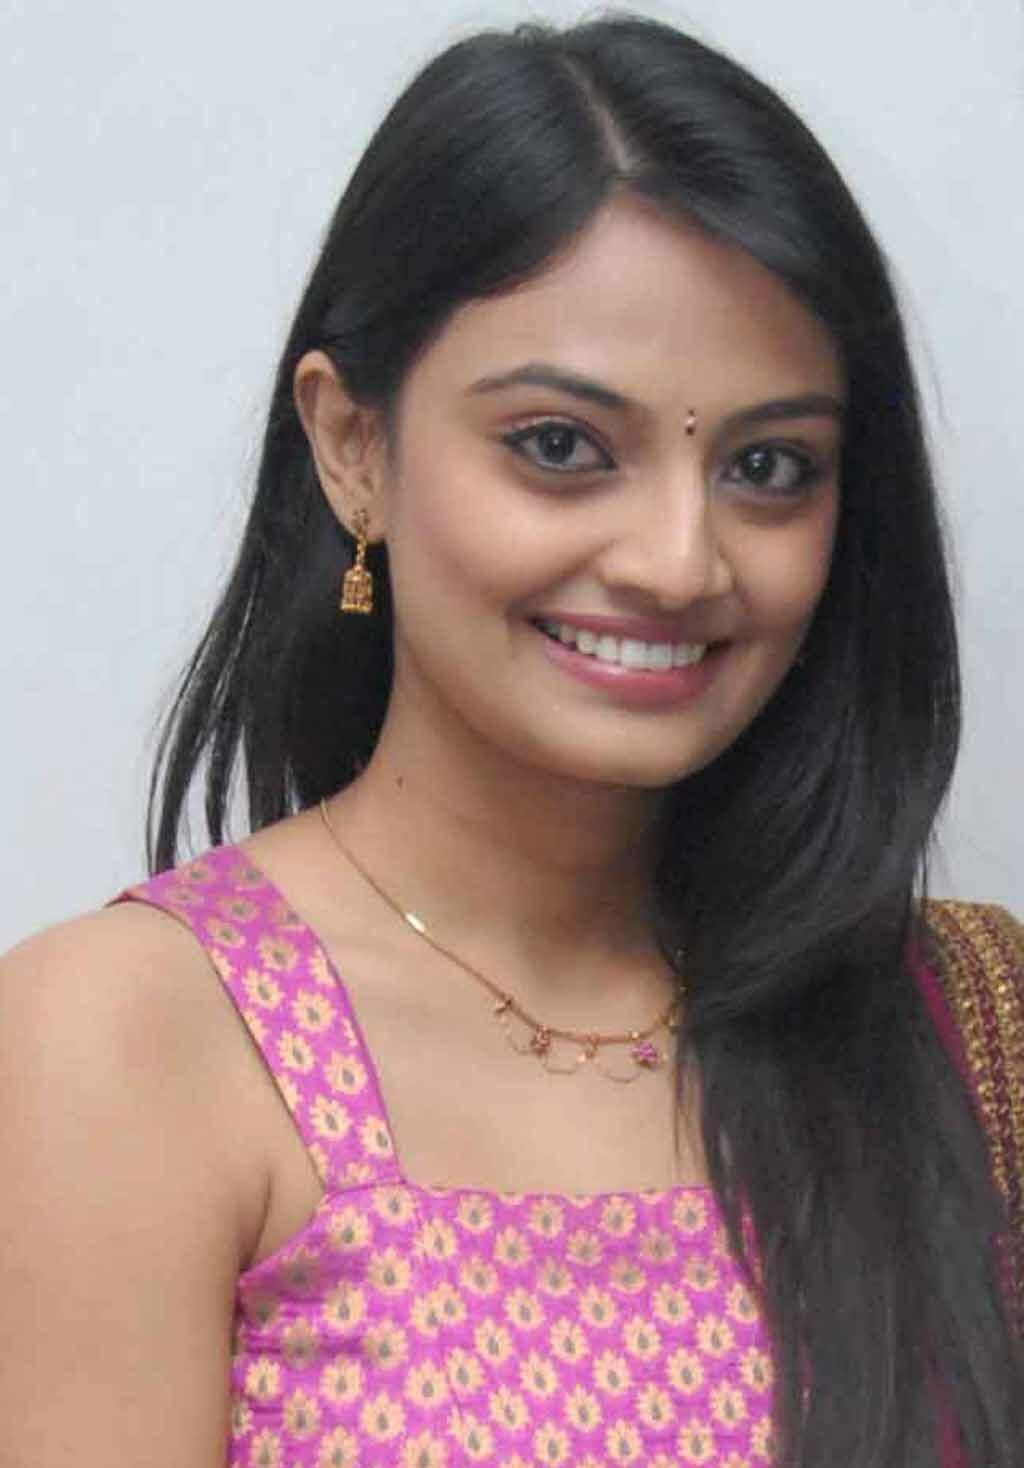 Tollywood Actress Nikitha Narayan Hot Face Photos In Pink Salwar Churidar